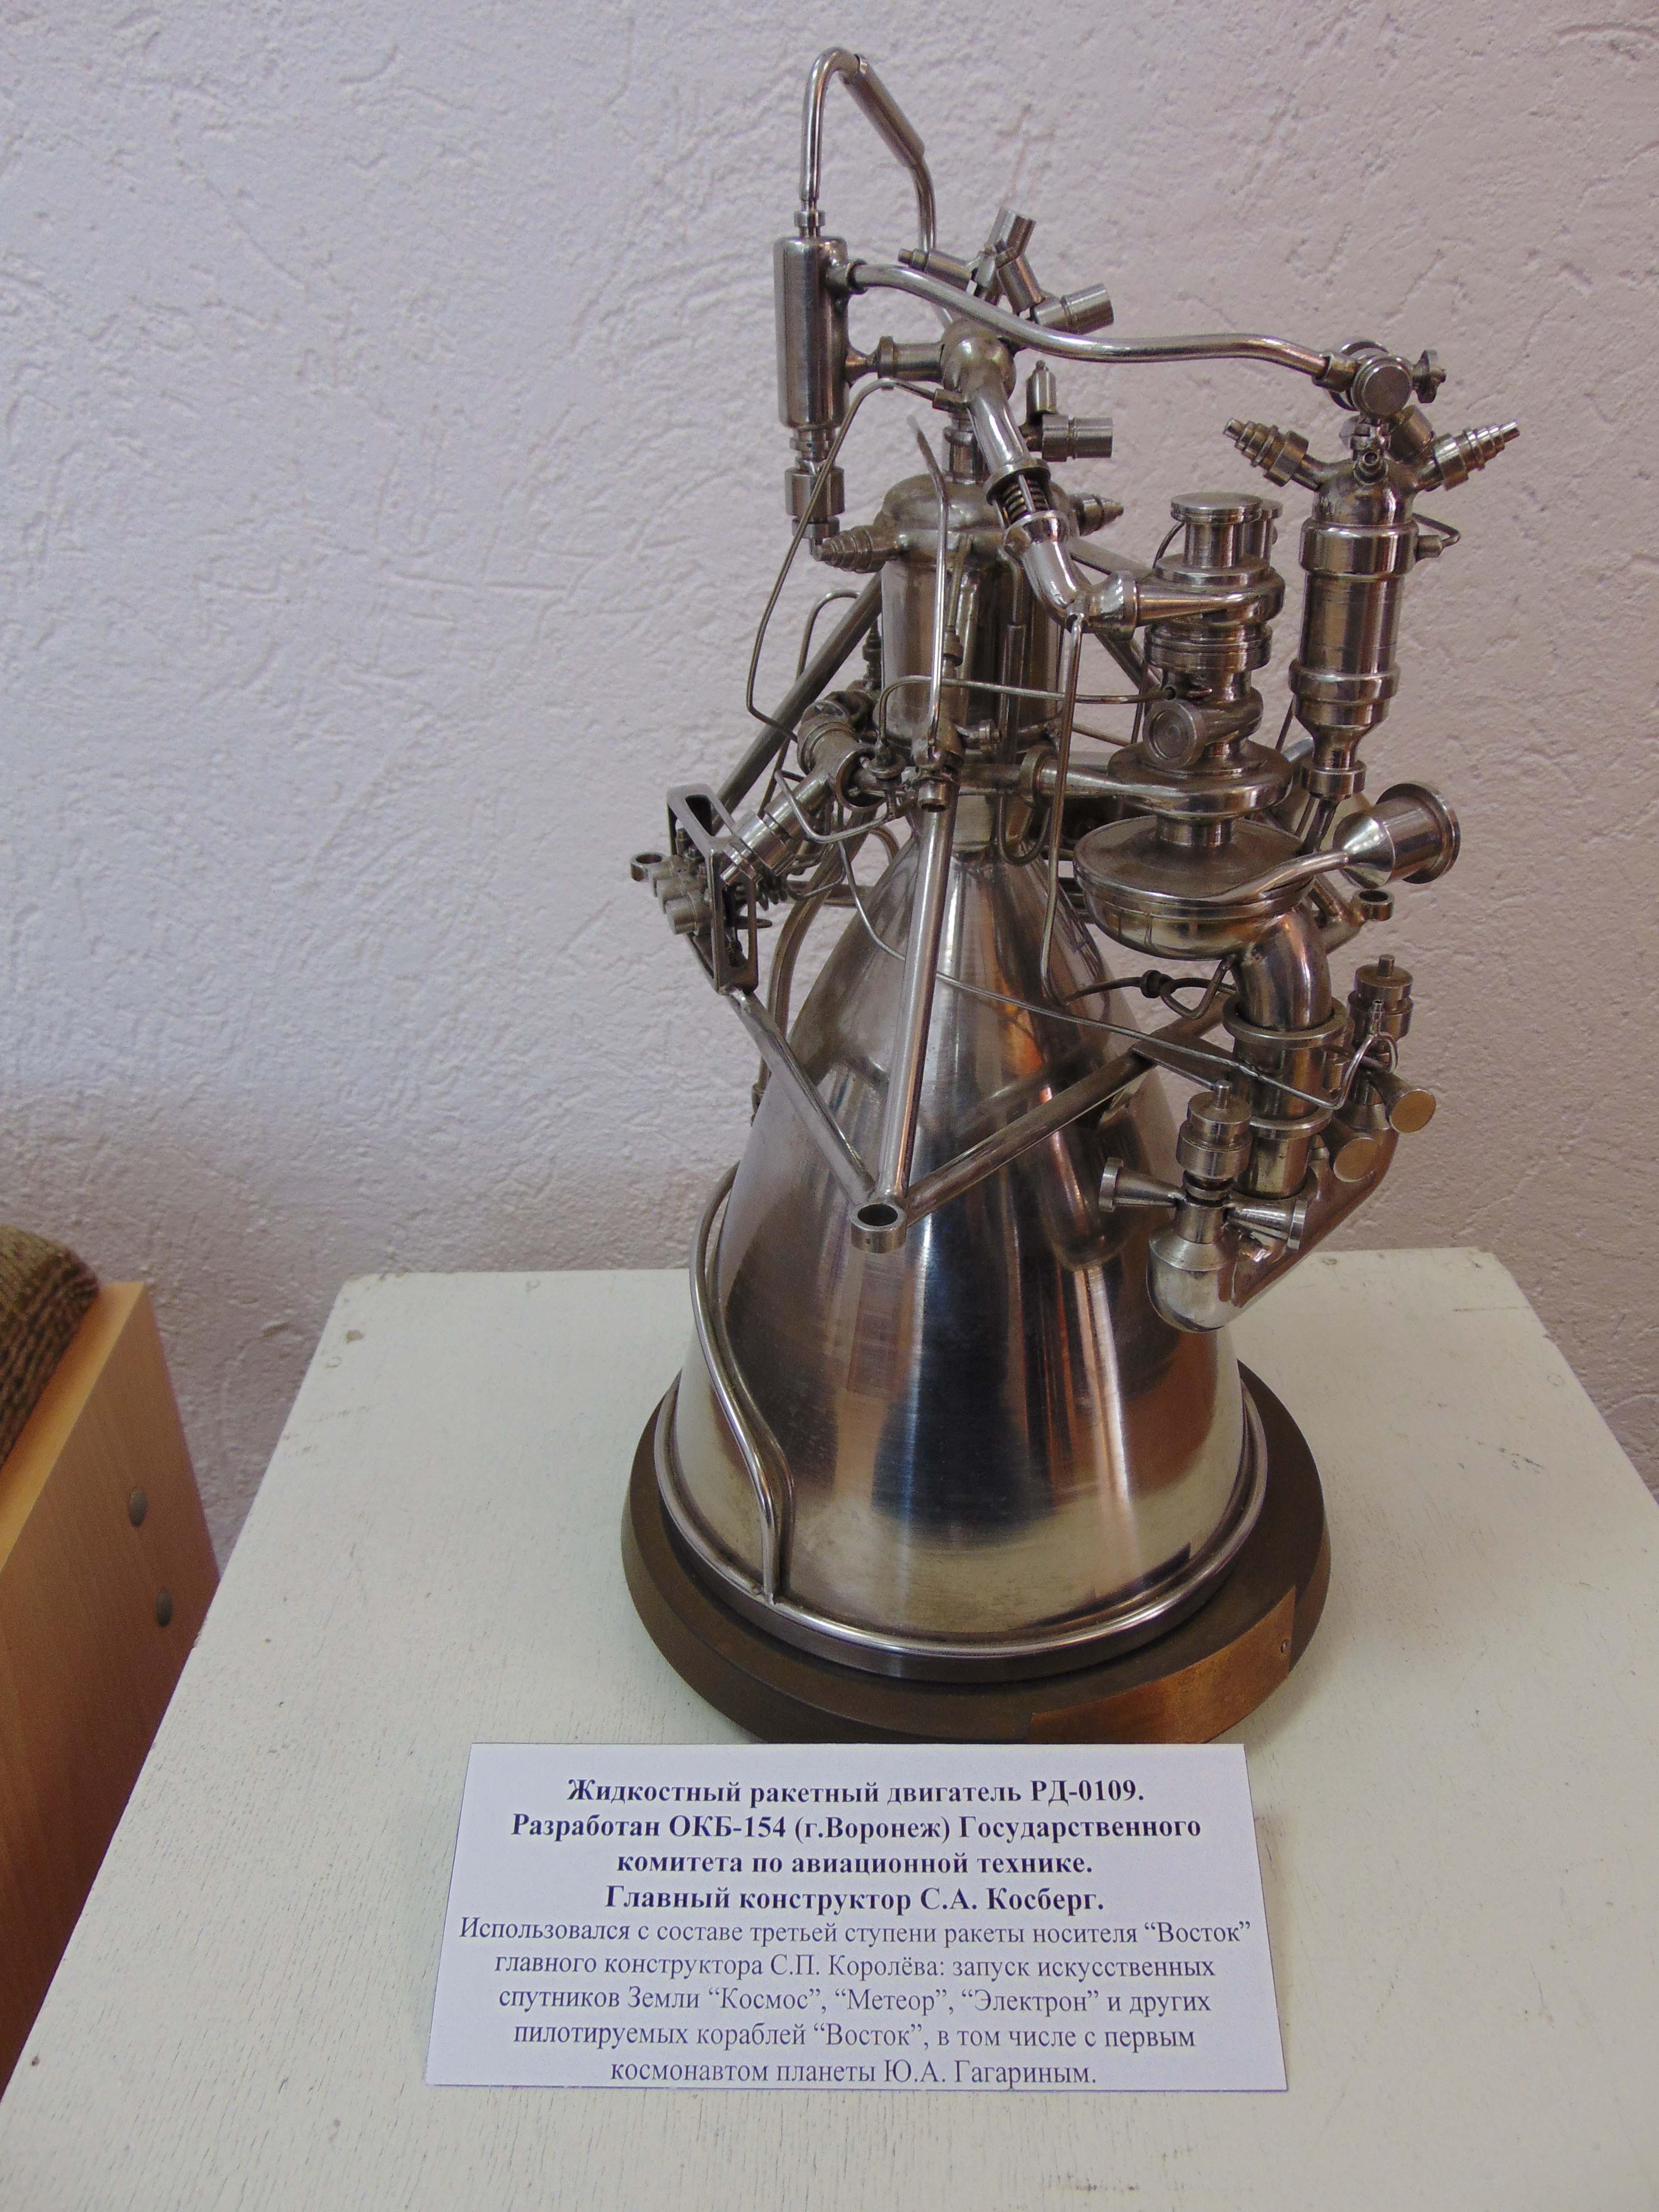 Жидкостный ракетный двигатель РД-0109. Главный конструктор — С.А. Косберг